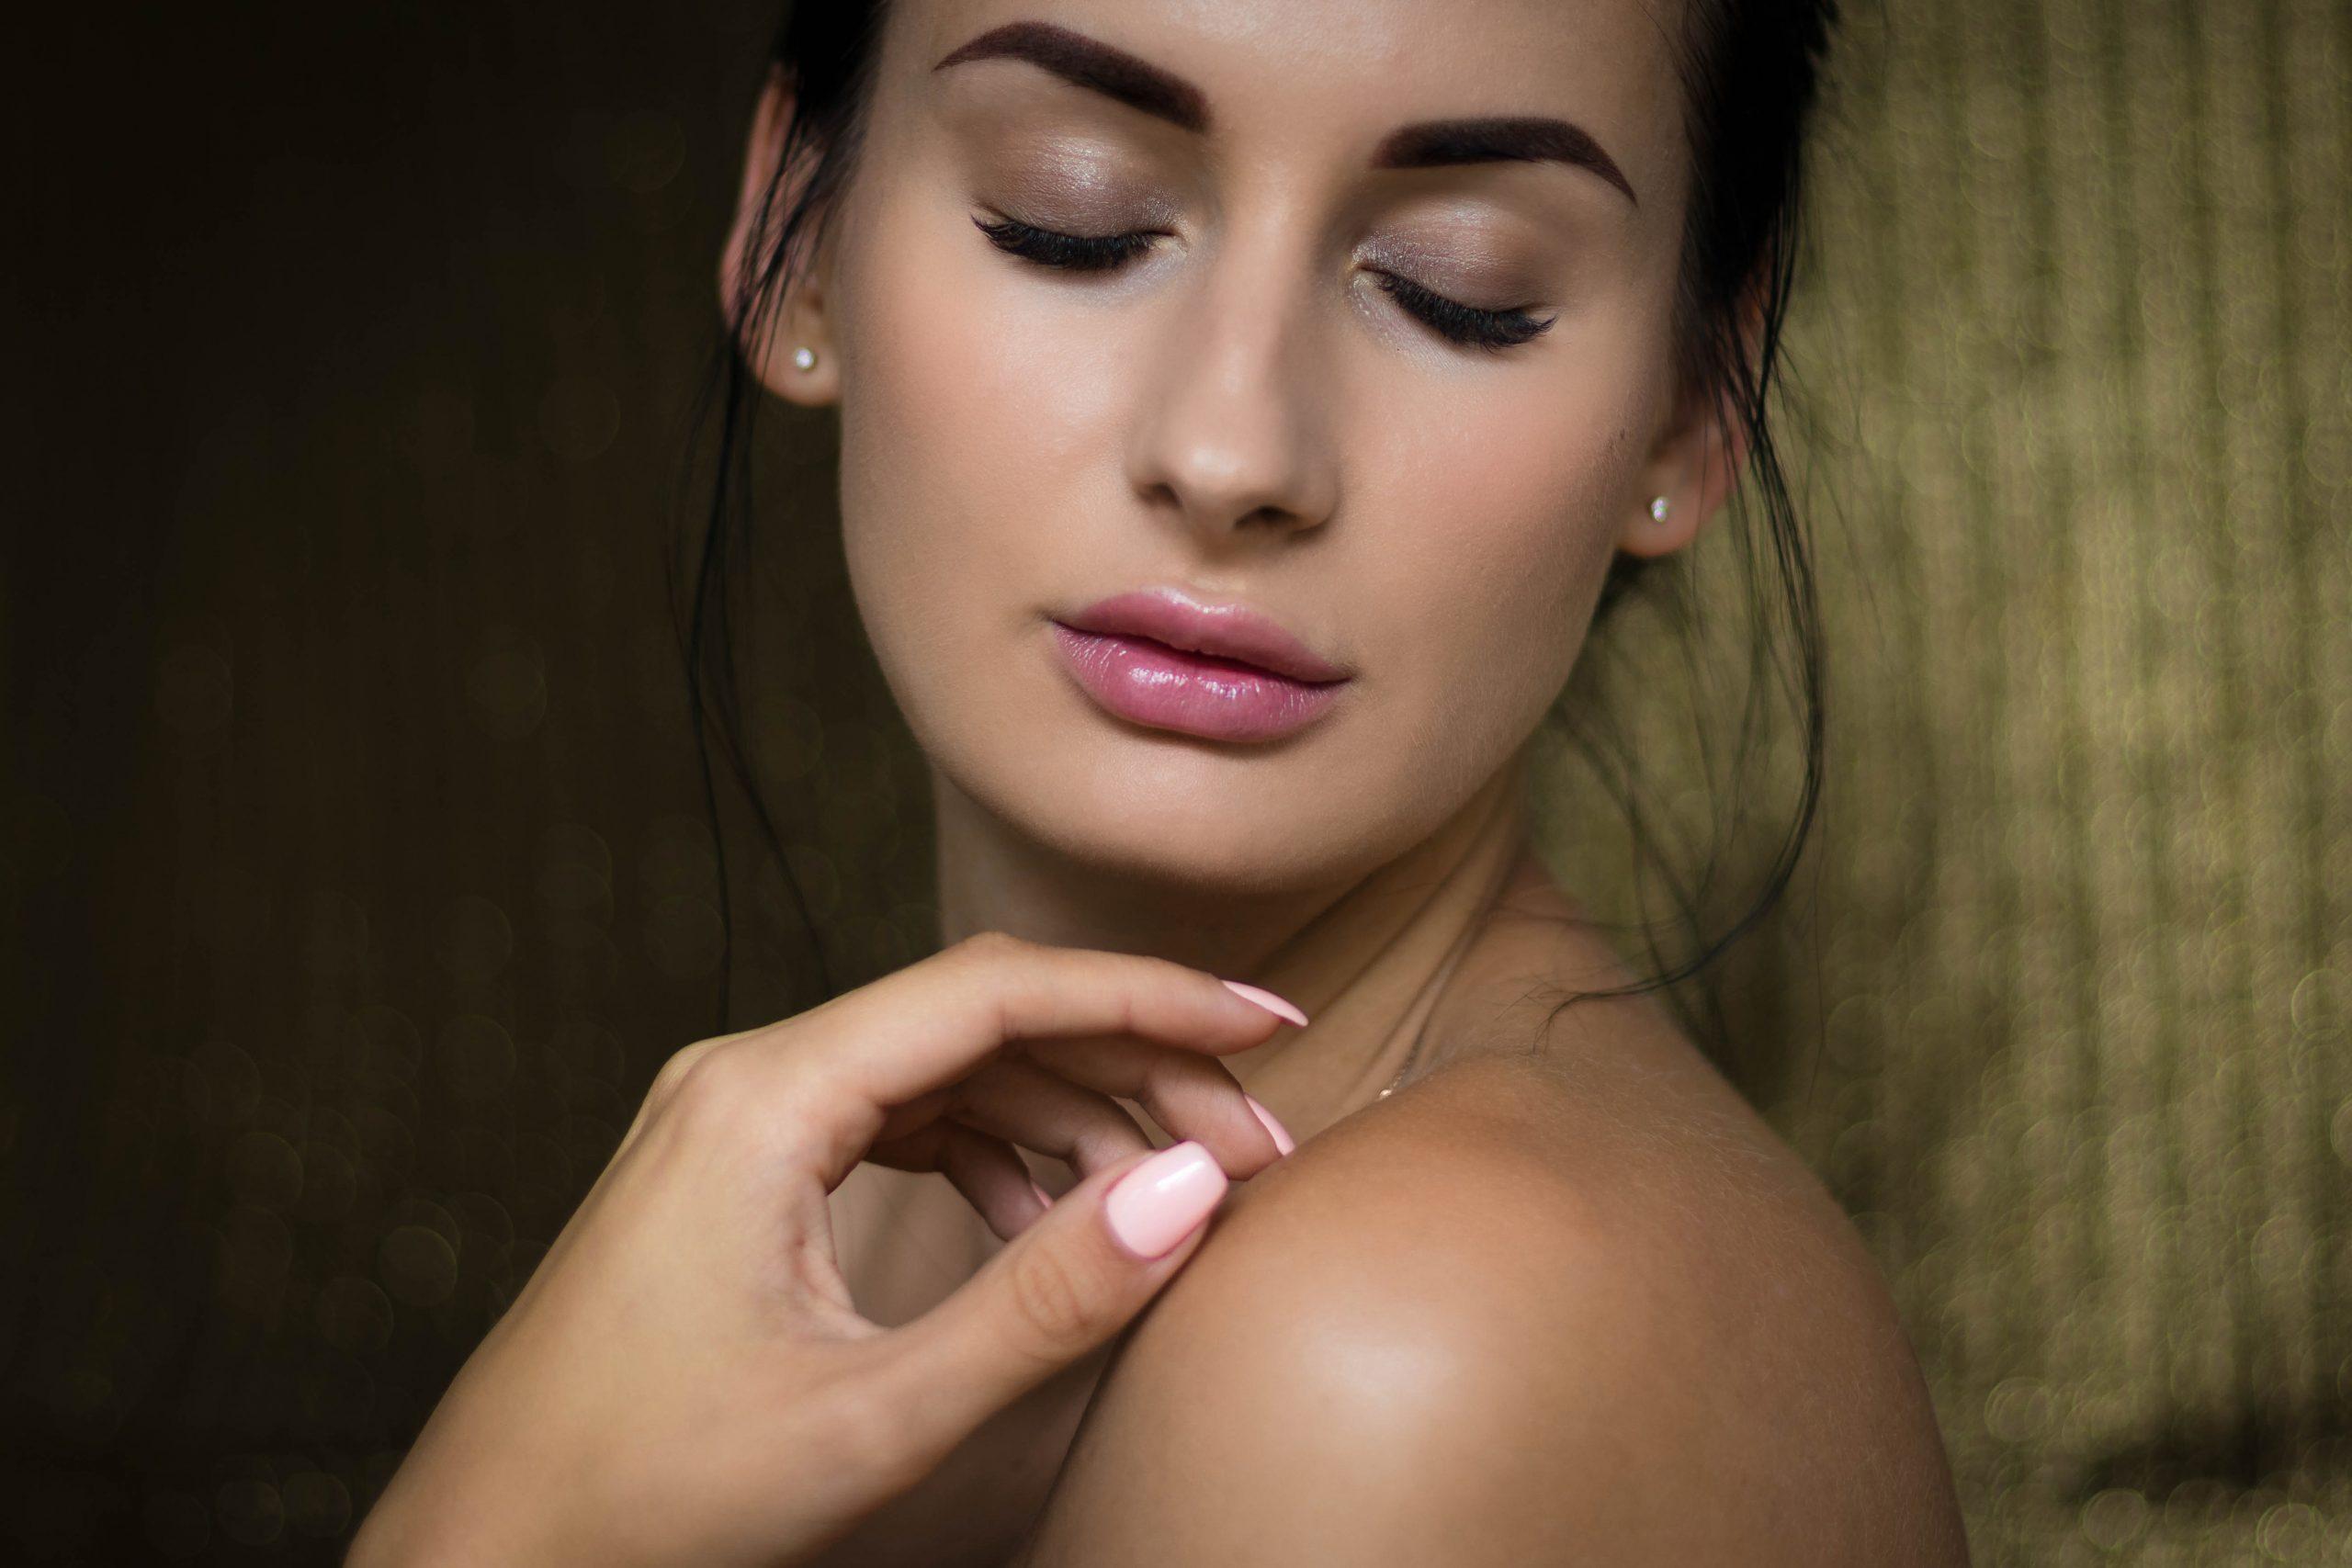 Foto de uma mulher com o rosto de lado, virado para câmera, olhos fechados, cabelo preso e pele limpa. Uma de suas mãos está no ombro.